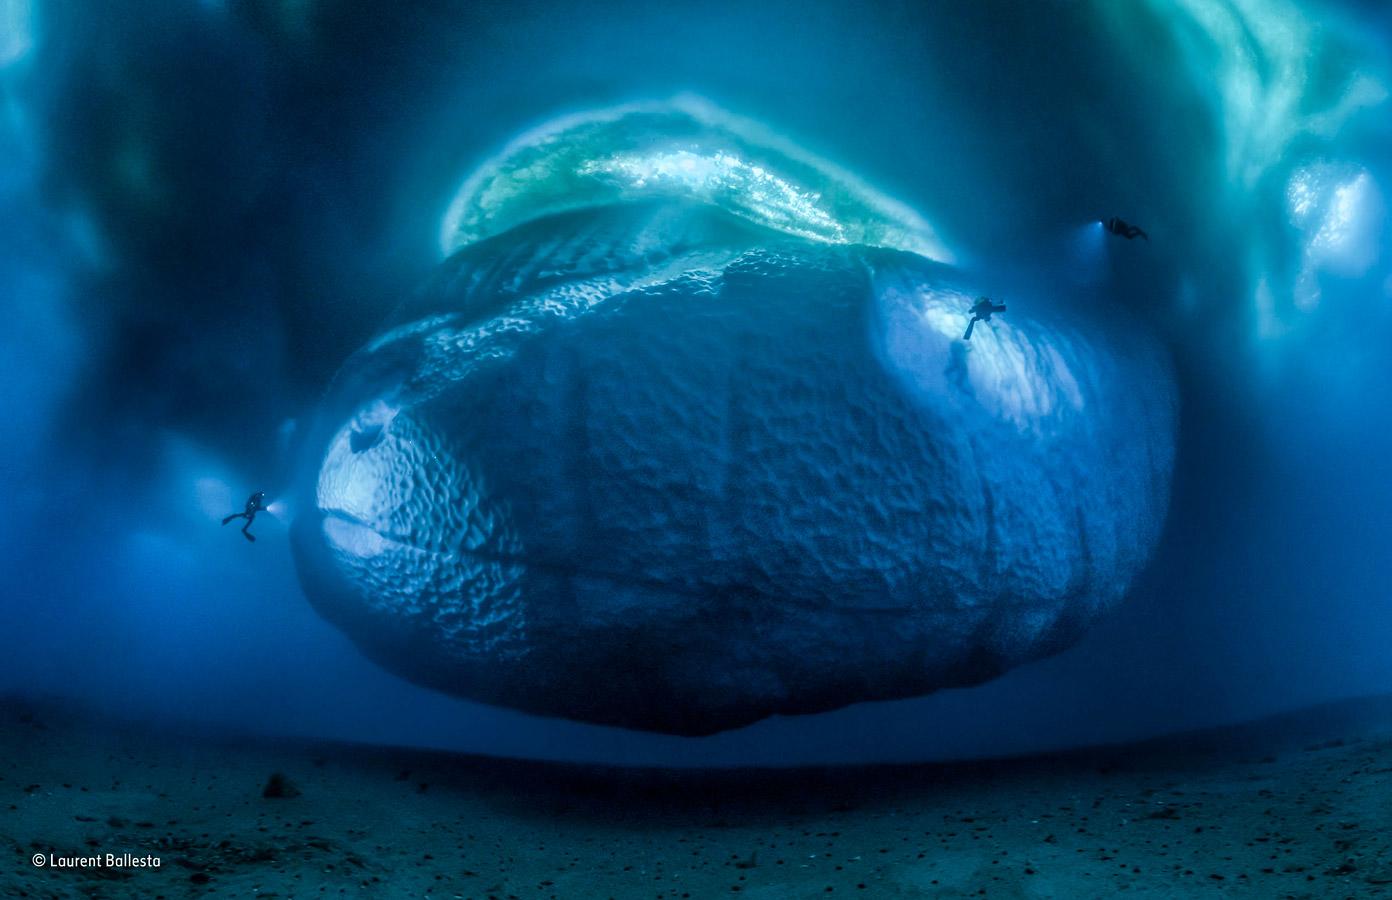 Ледяной монстр, © Лоран Баллеста / Laurent Ballesta, Франция, Победитель категории «Окружающая среда», Фотоконкурс «Фотограф года живой природы» — Wildlife Photographer of the Year